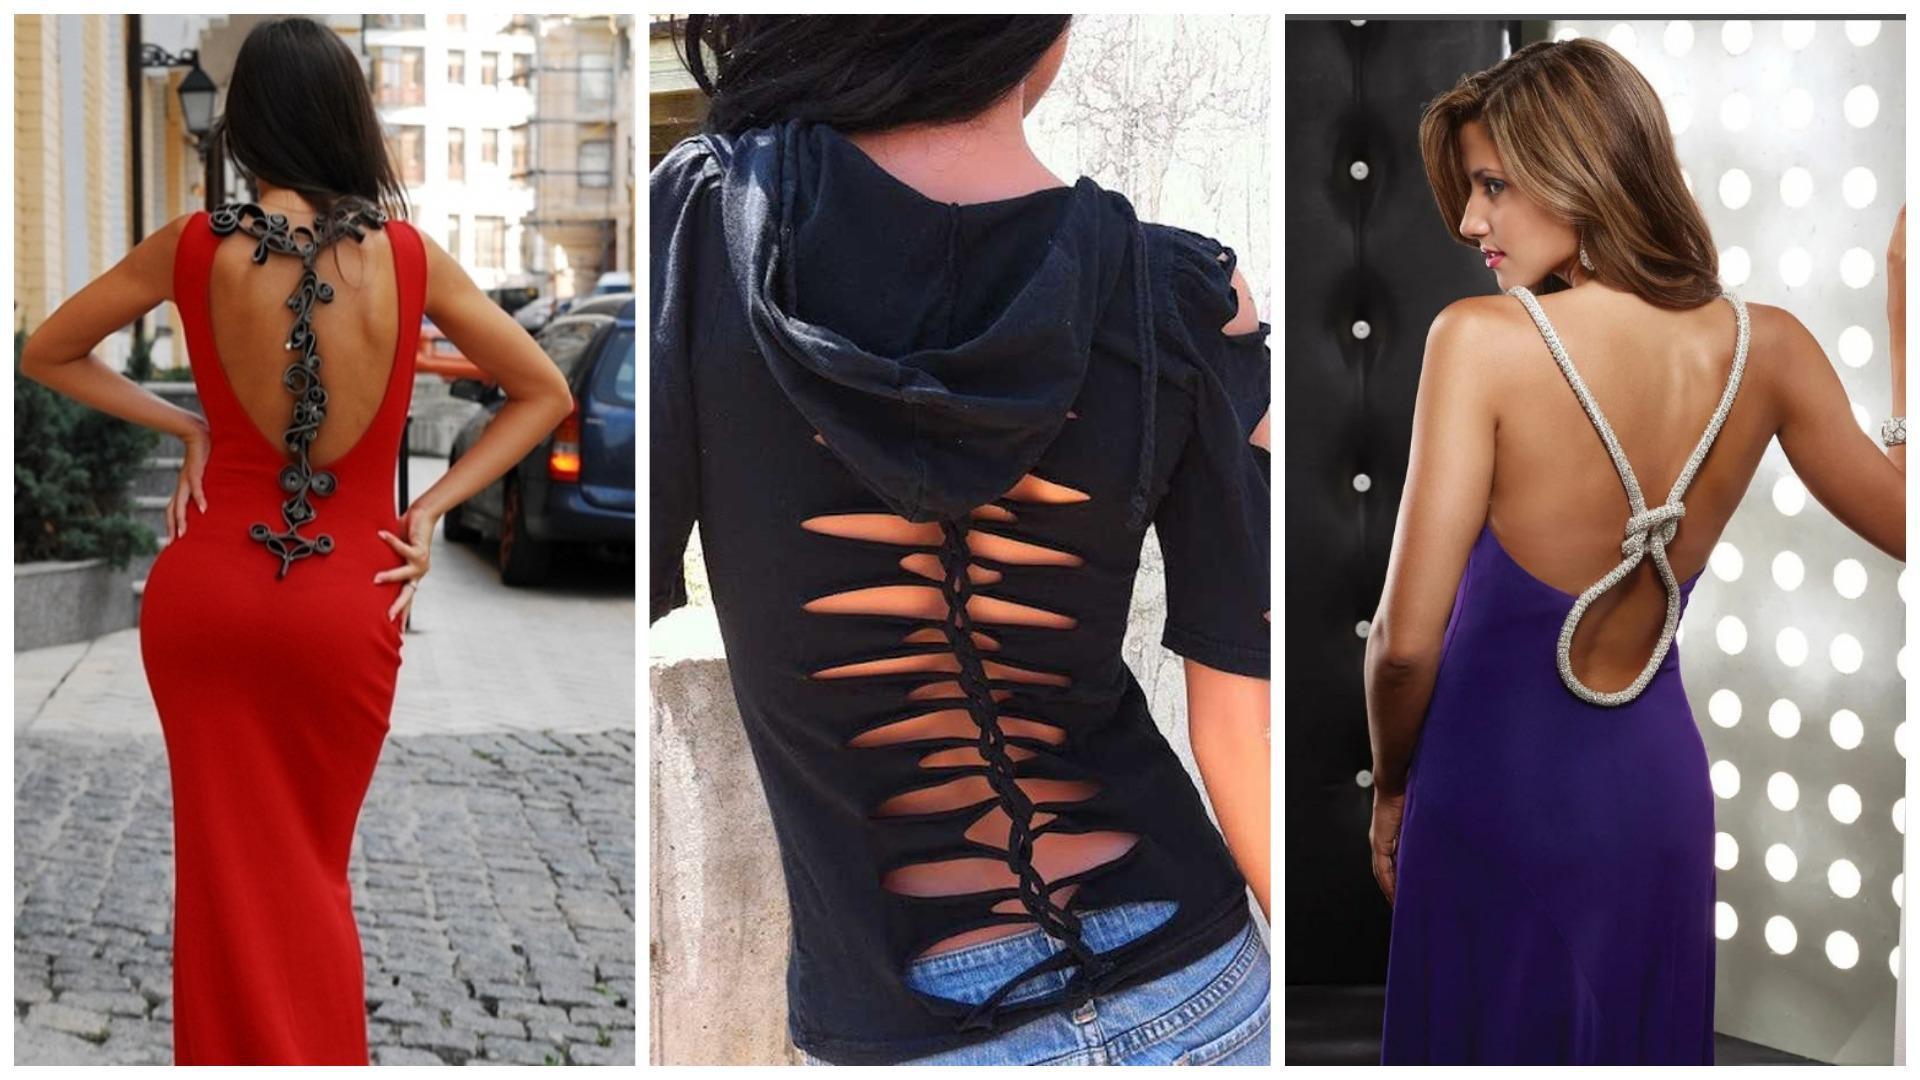 Креативные и уникальные вырезы сзади на одежде